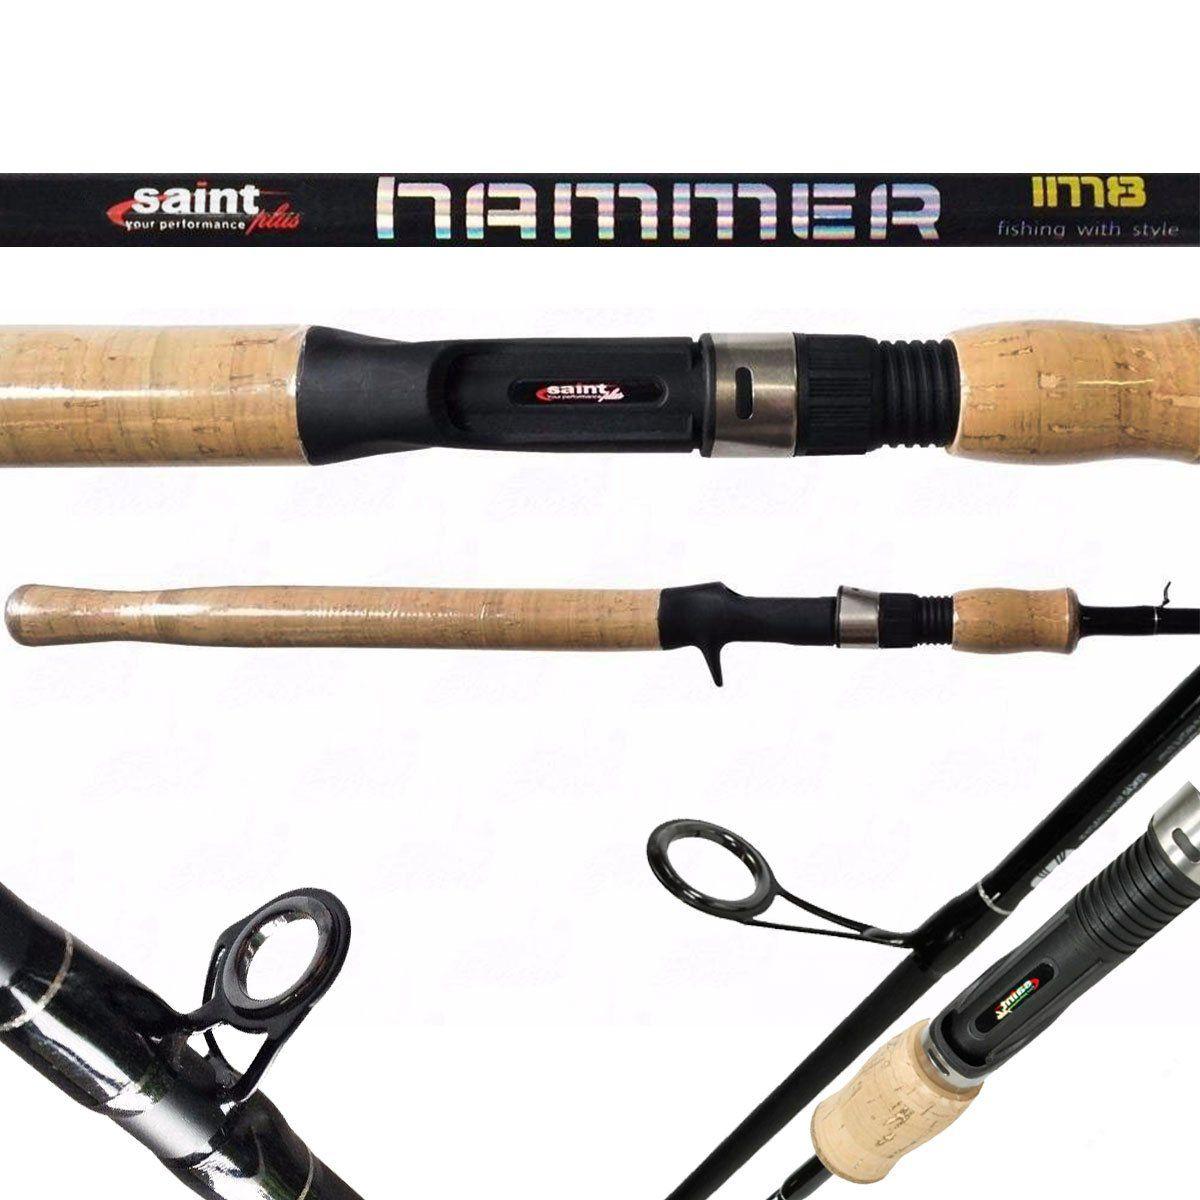 Vara Saint Plus Hammer Carretilha 1,72m Média 7-17LB